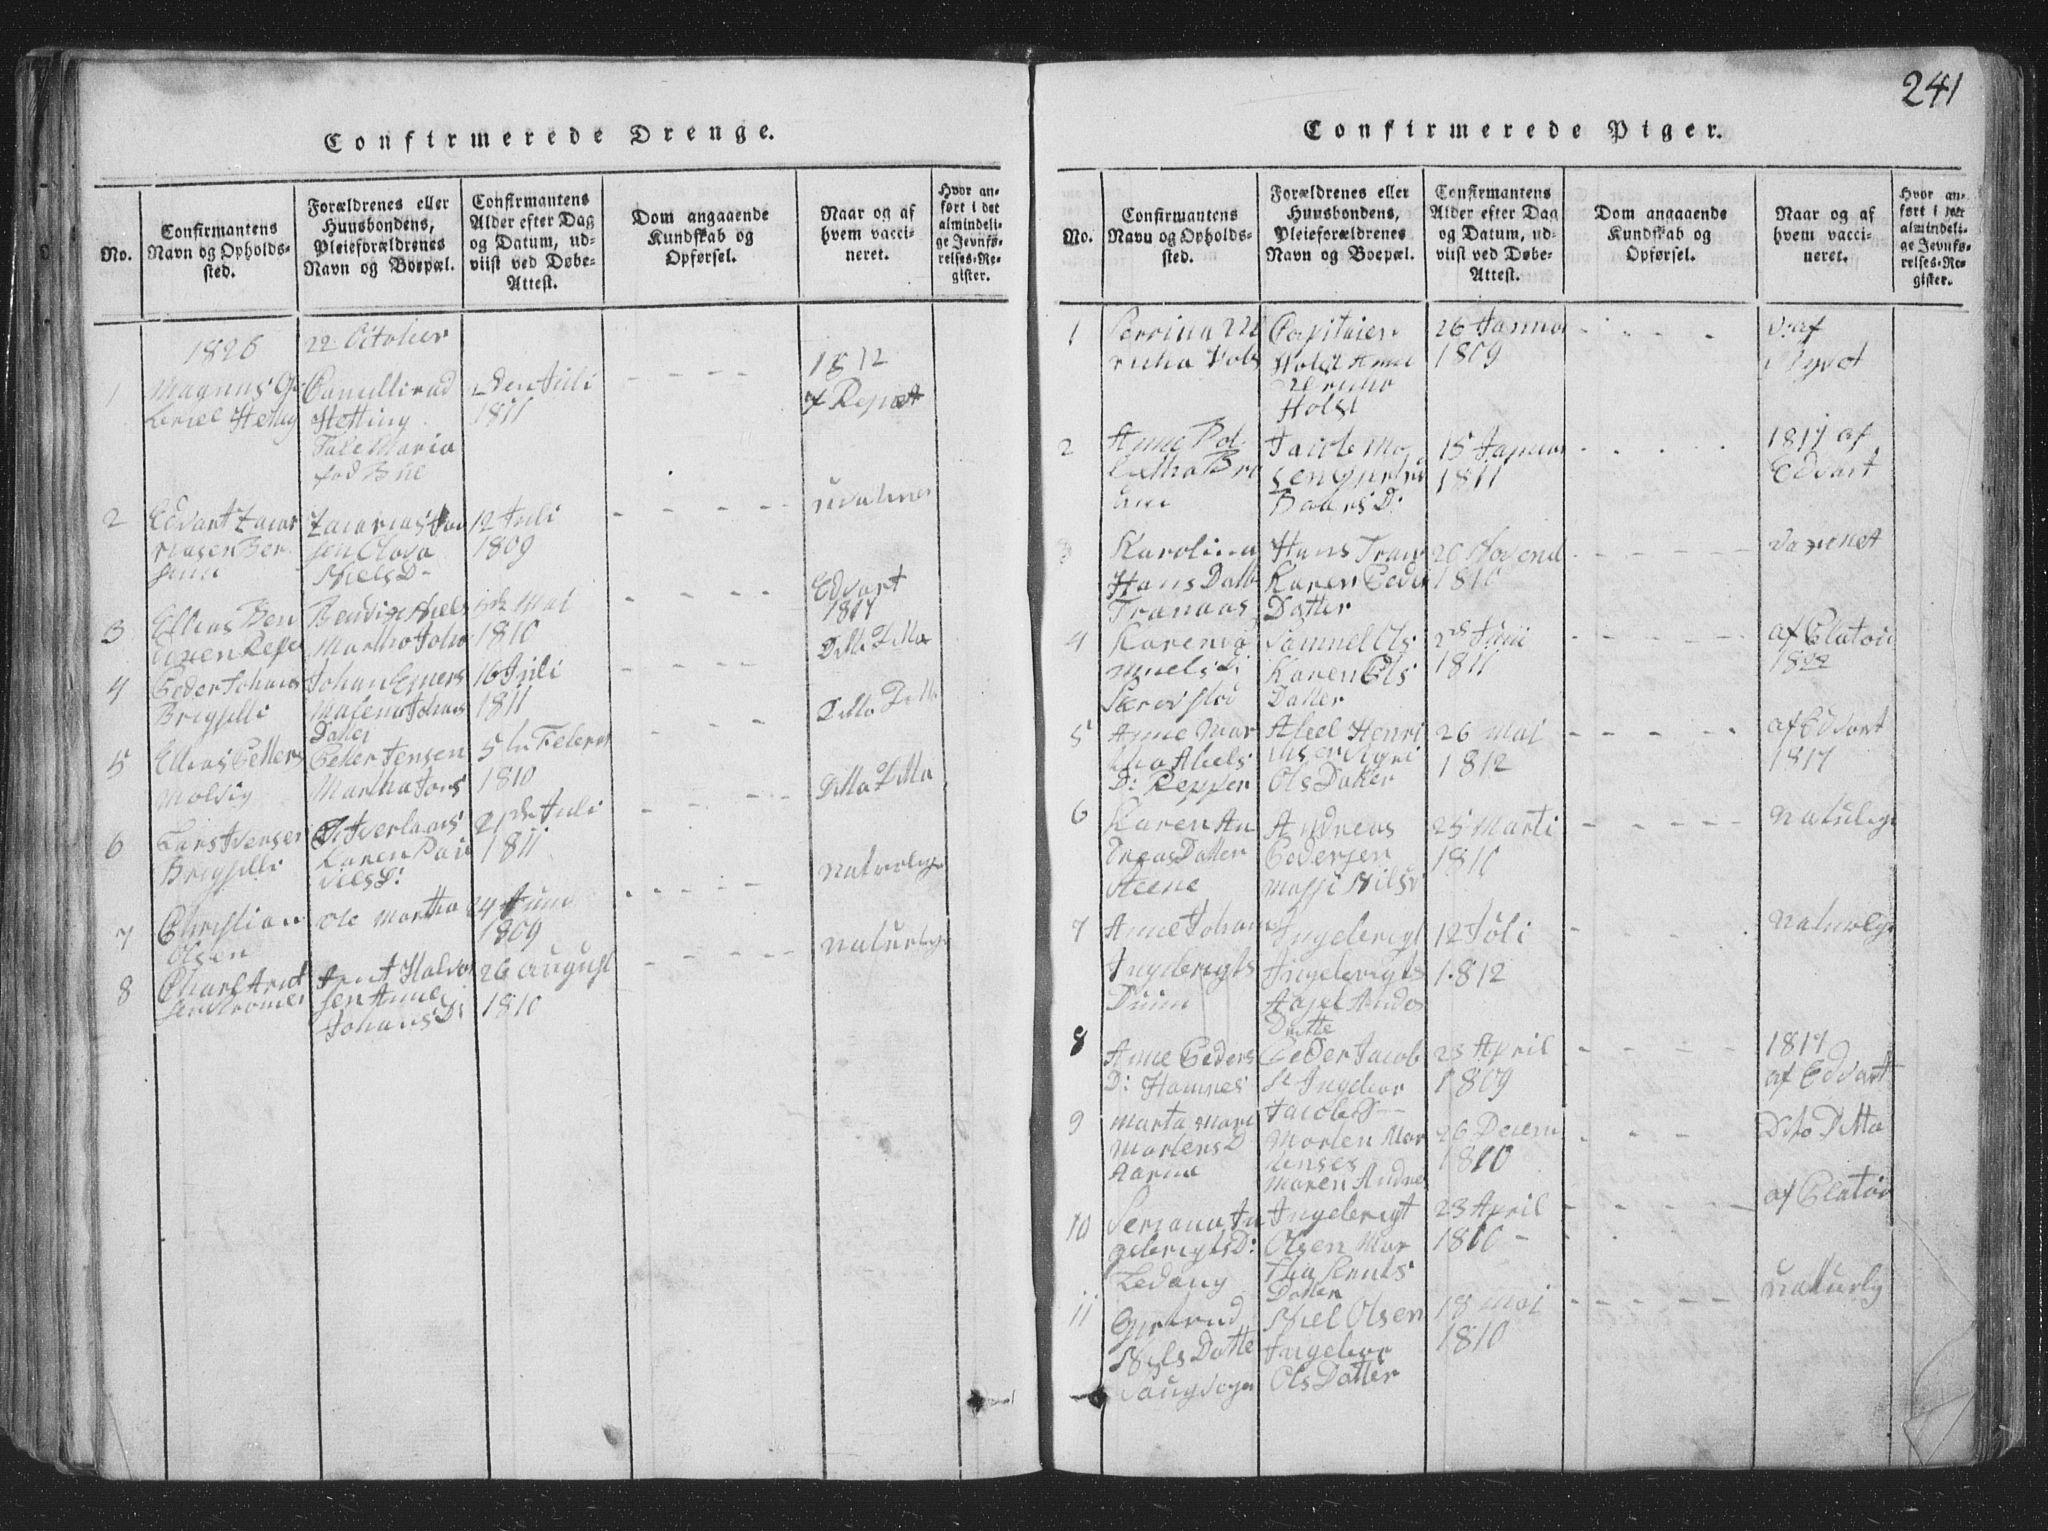 SAT, Ministerialprotokoller, klokkerbøker og fødselsregistre - Nord-Trøndelag, 773/L0613: Ministerialbok nr. 773A04, 1815-1845, s. 241